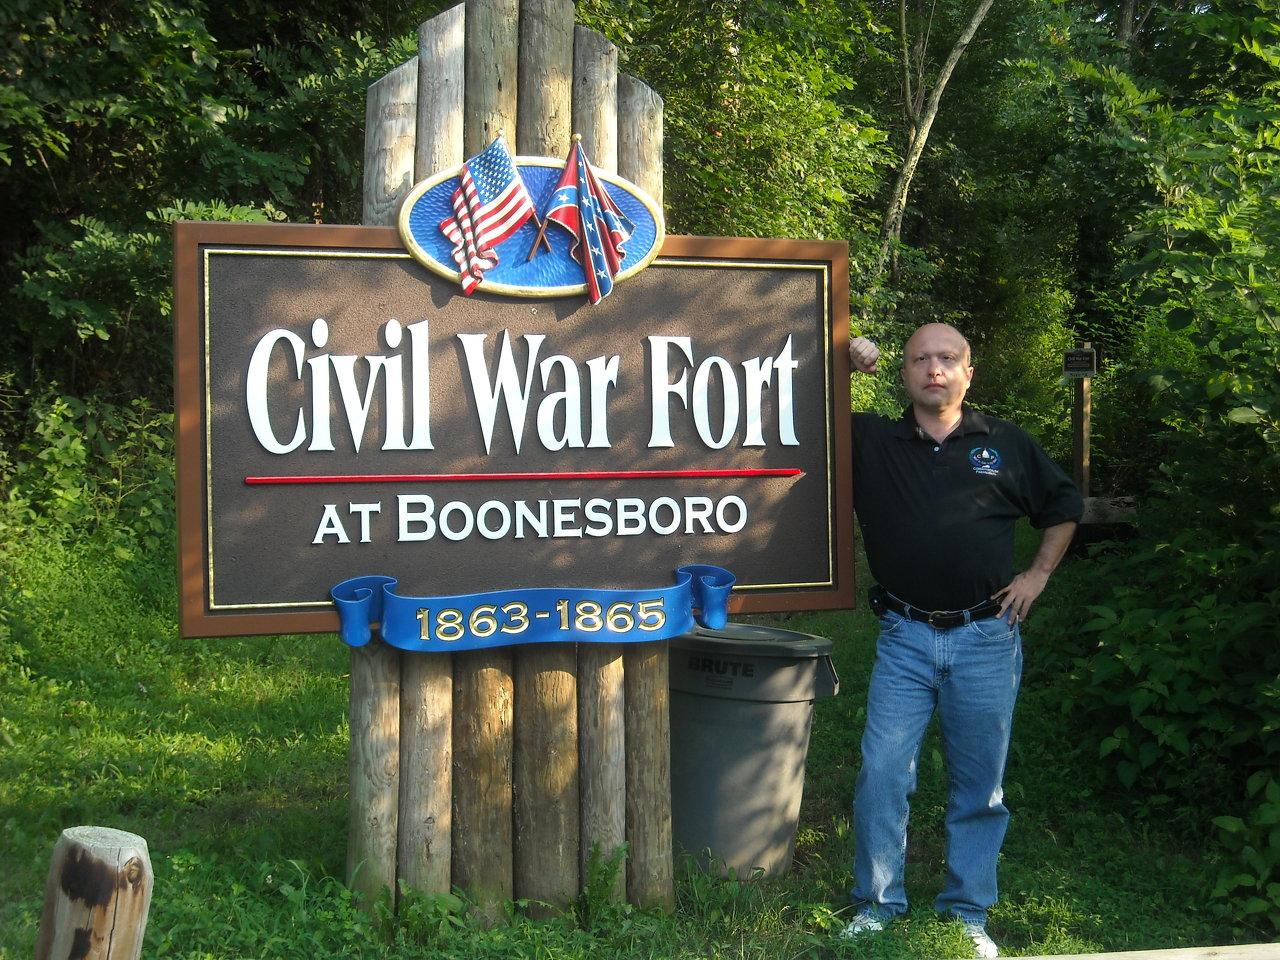 Ft. Boonesboro Civil War Site